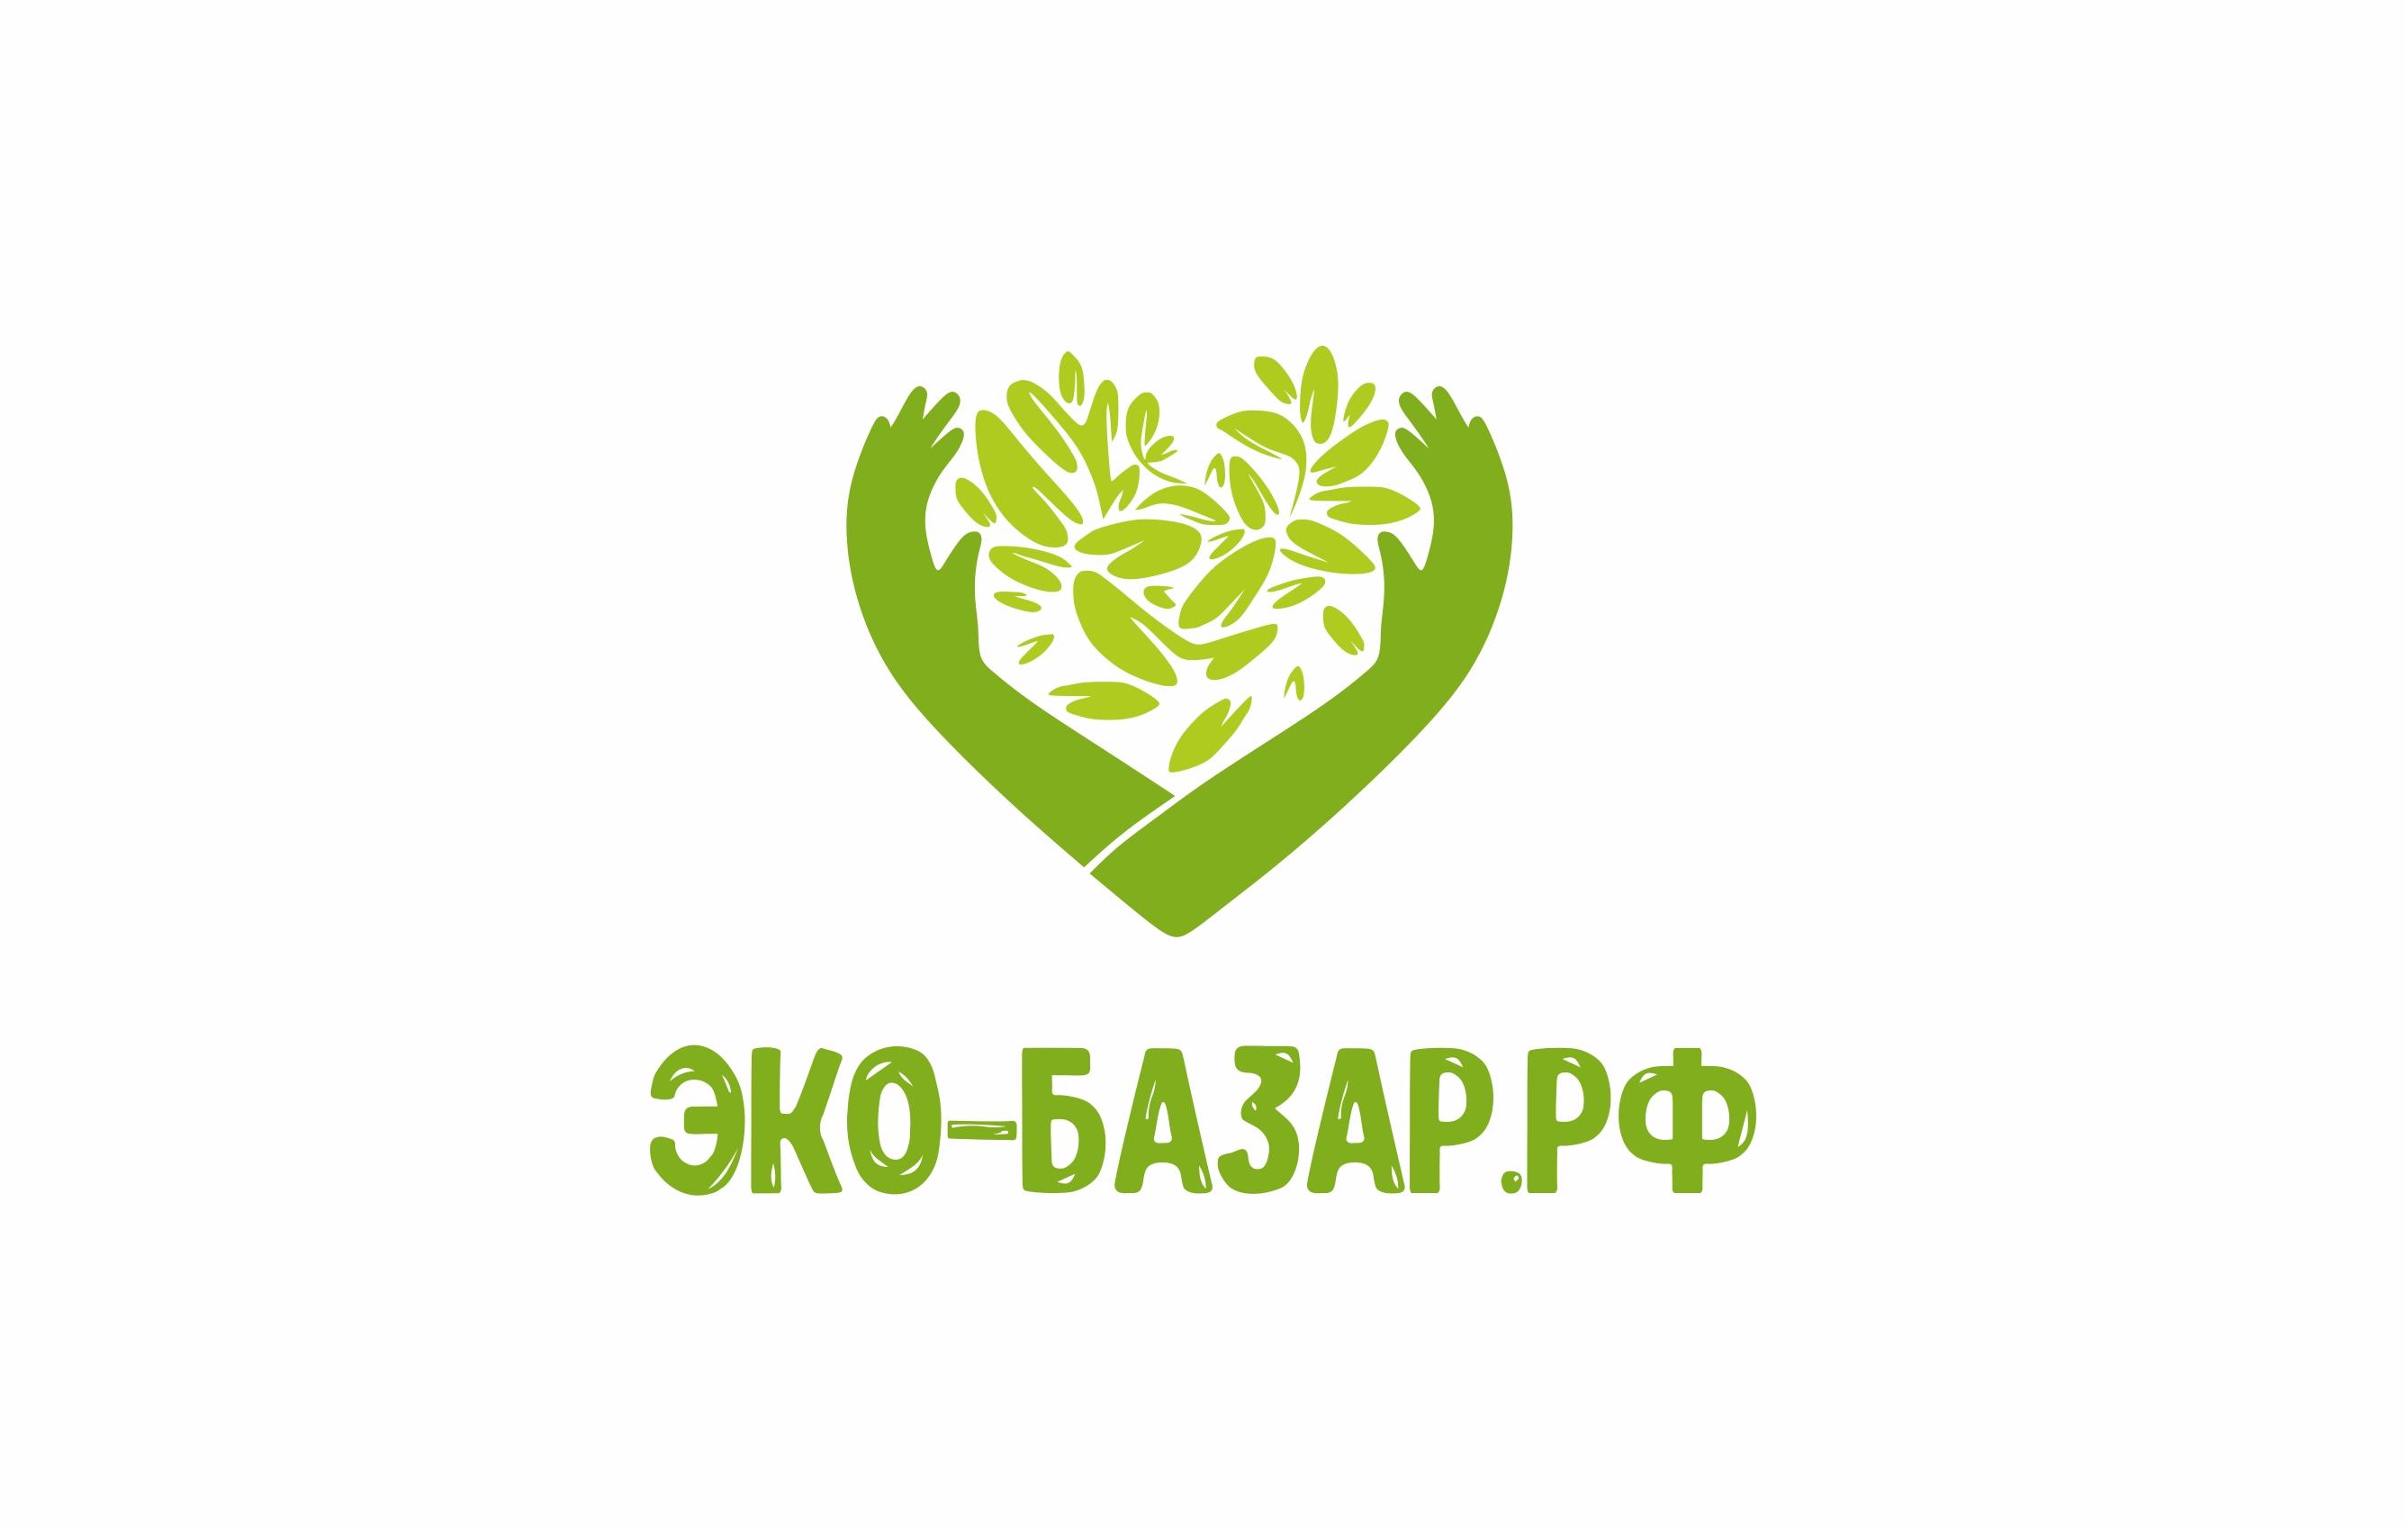 Логотип компании натуральных (фермерских) продуктов фото f_6015940ecf06f7fa.jpg